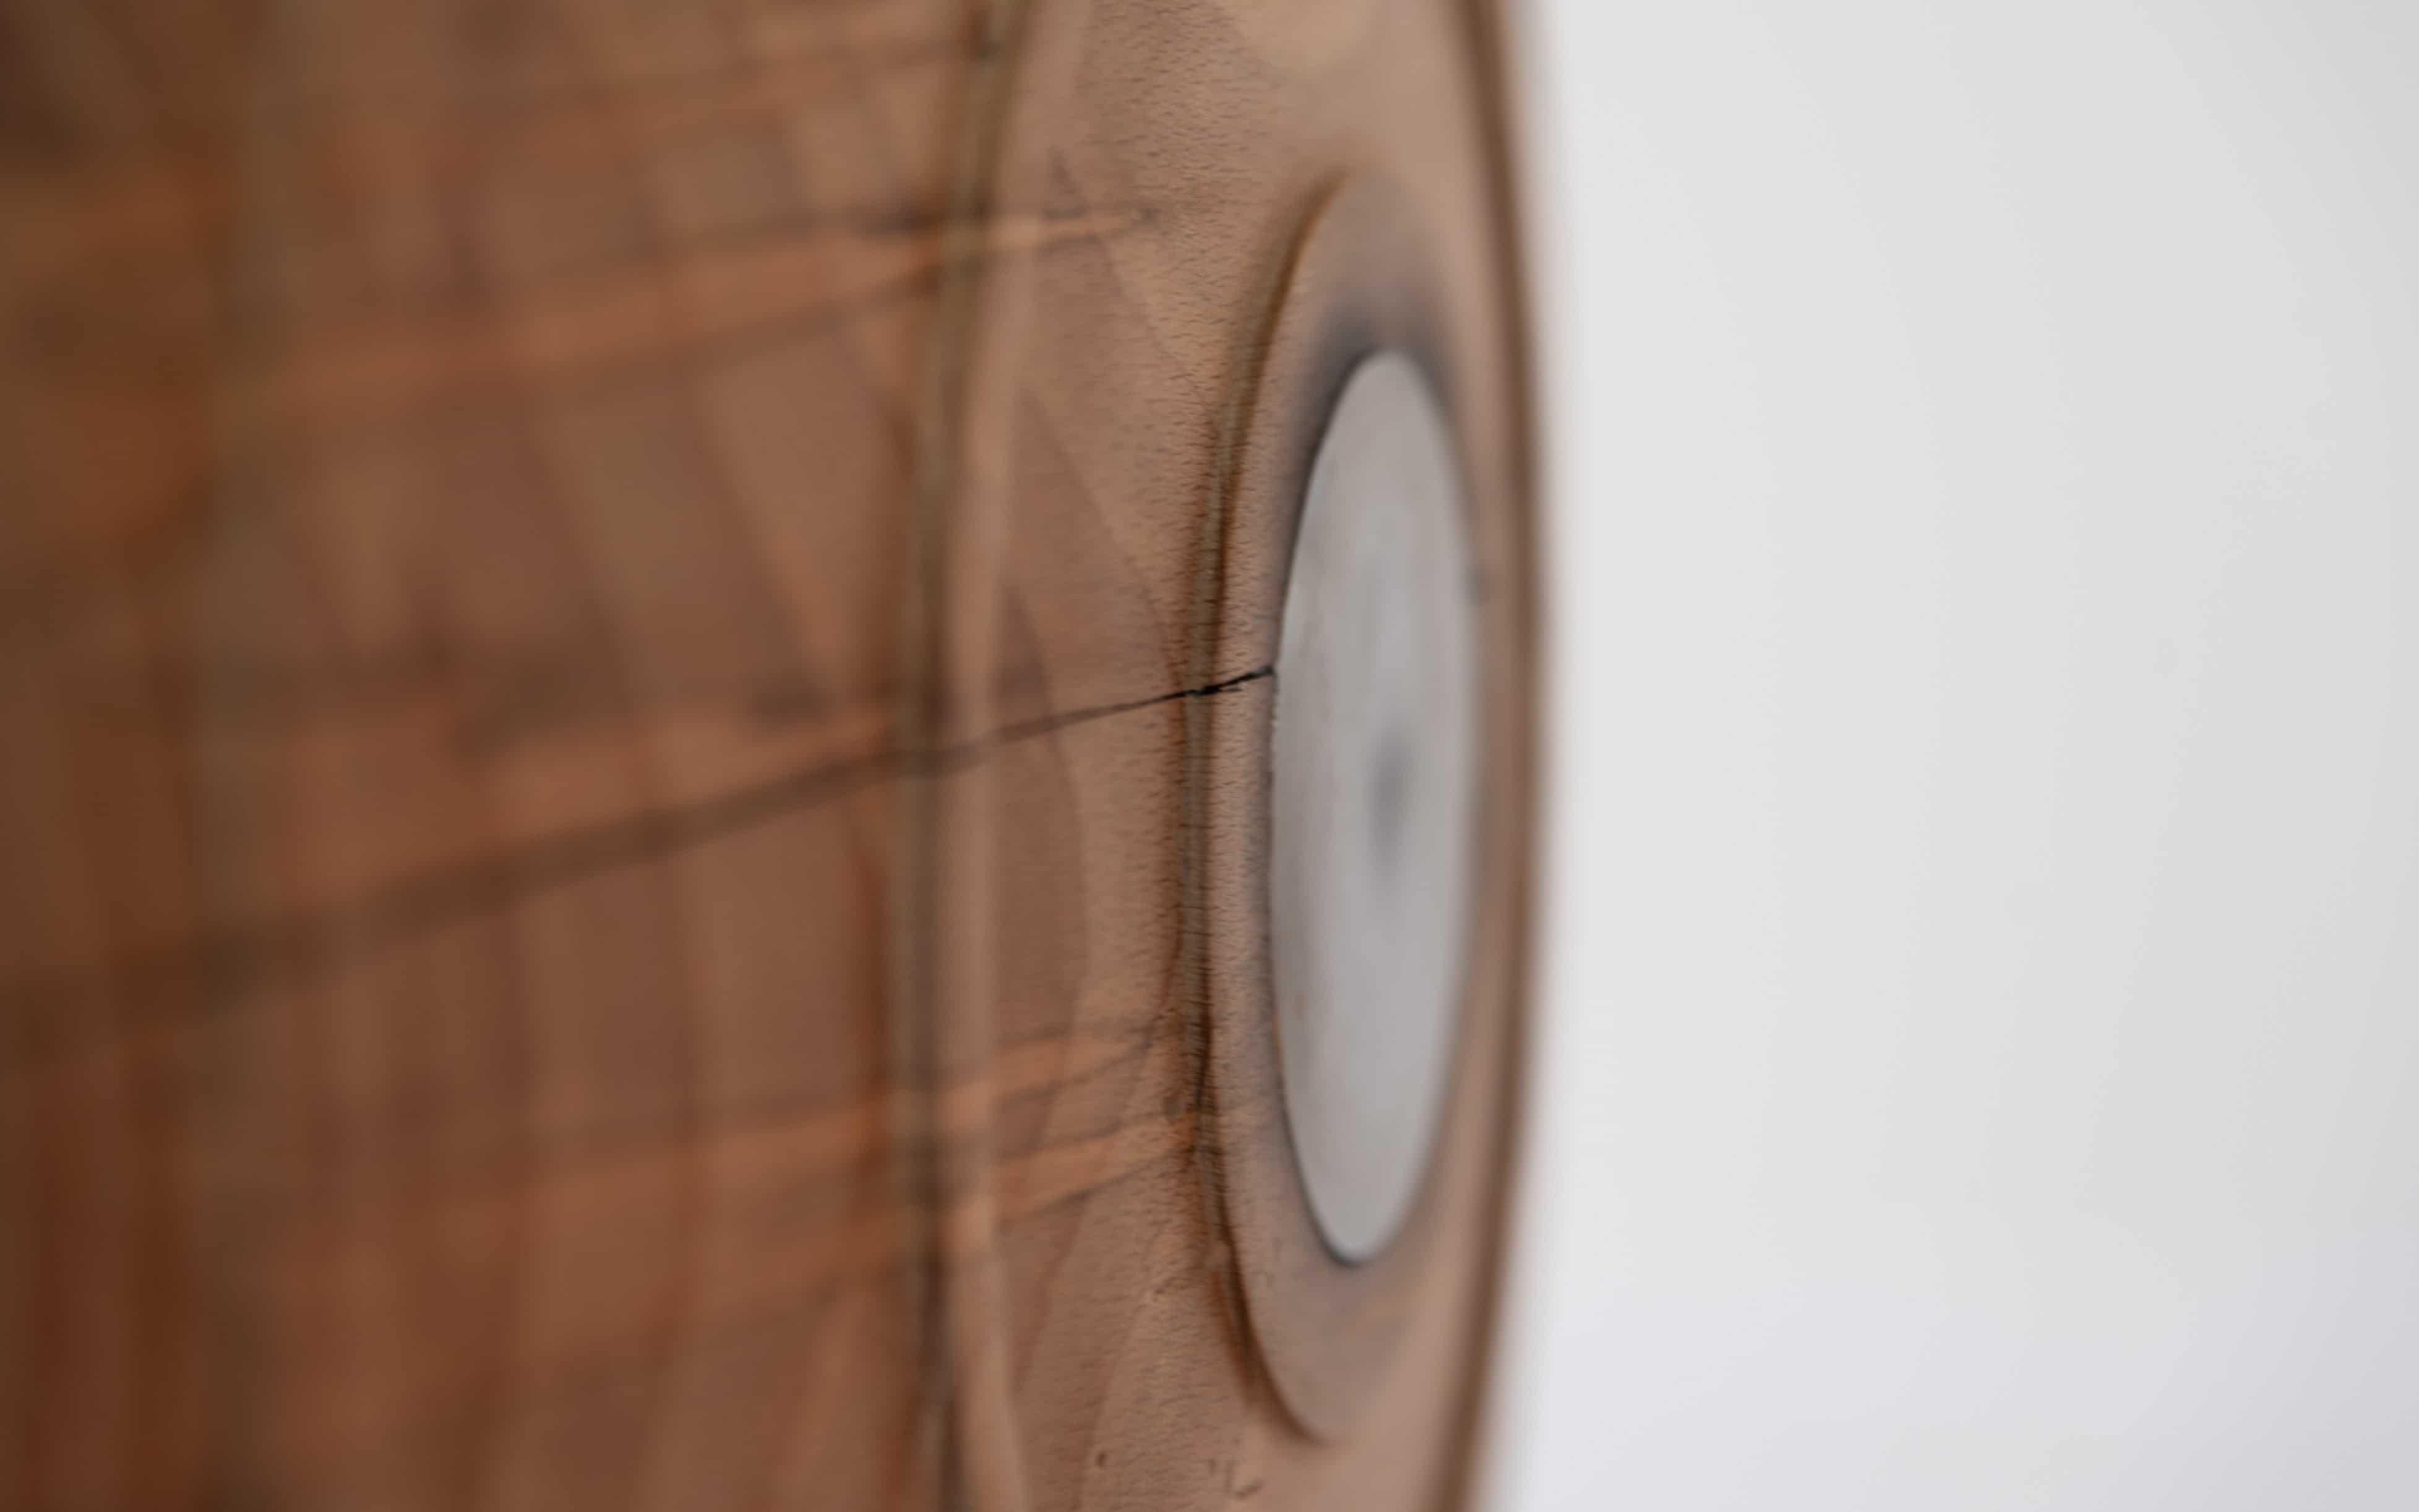 Séance photo de produits par Isa FineArt Photography